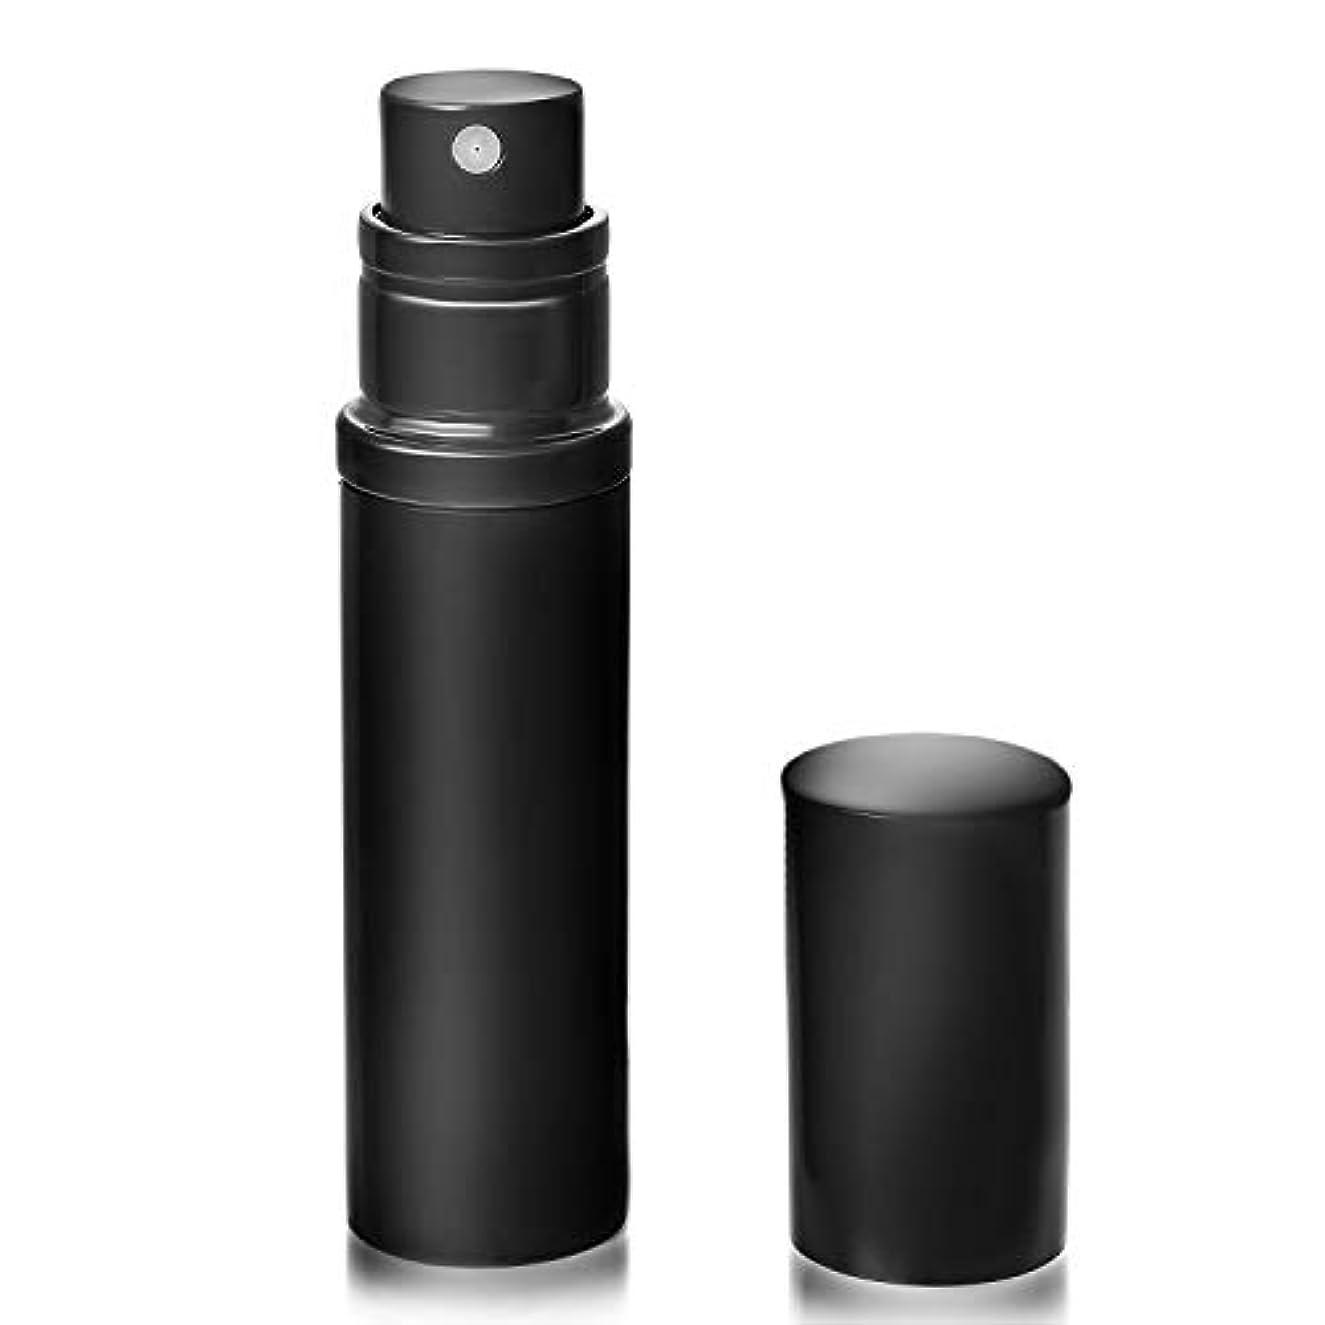 切り刻む速いマーカーアトマイザ- 香水 クイックアトマイザー ワンタッチ 入れ物 簡単 持ち運び 詰め替え ポータブルクイック 容器 香水噴霧器 ブラック YOOMARO